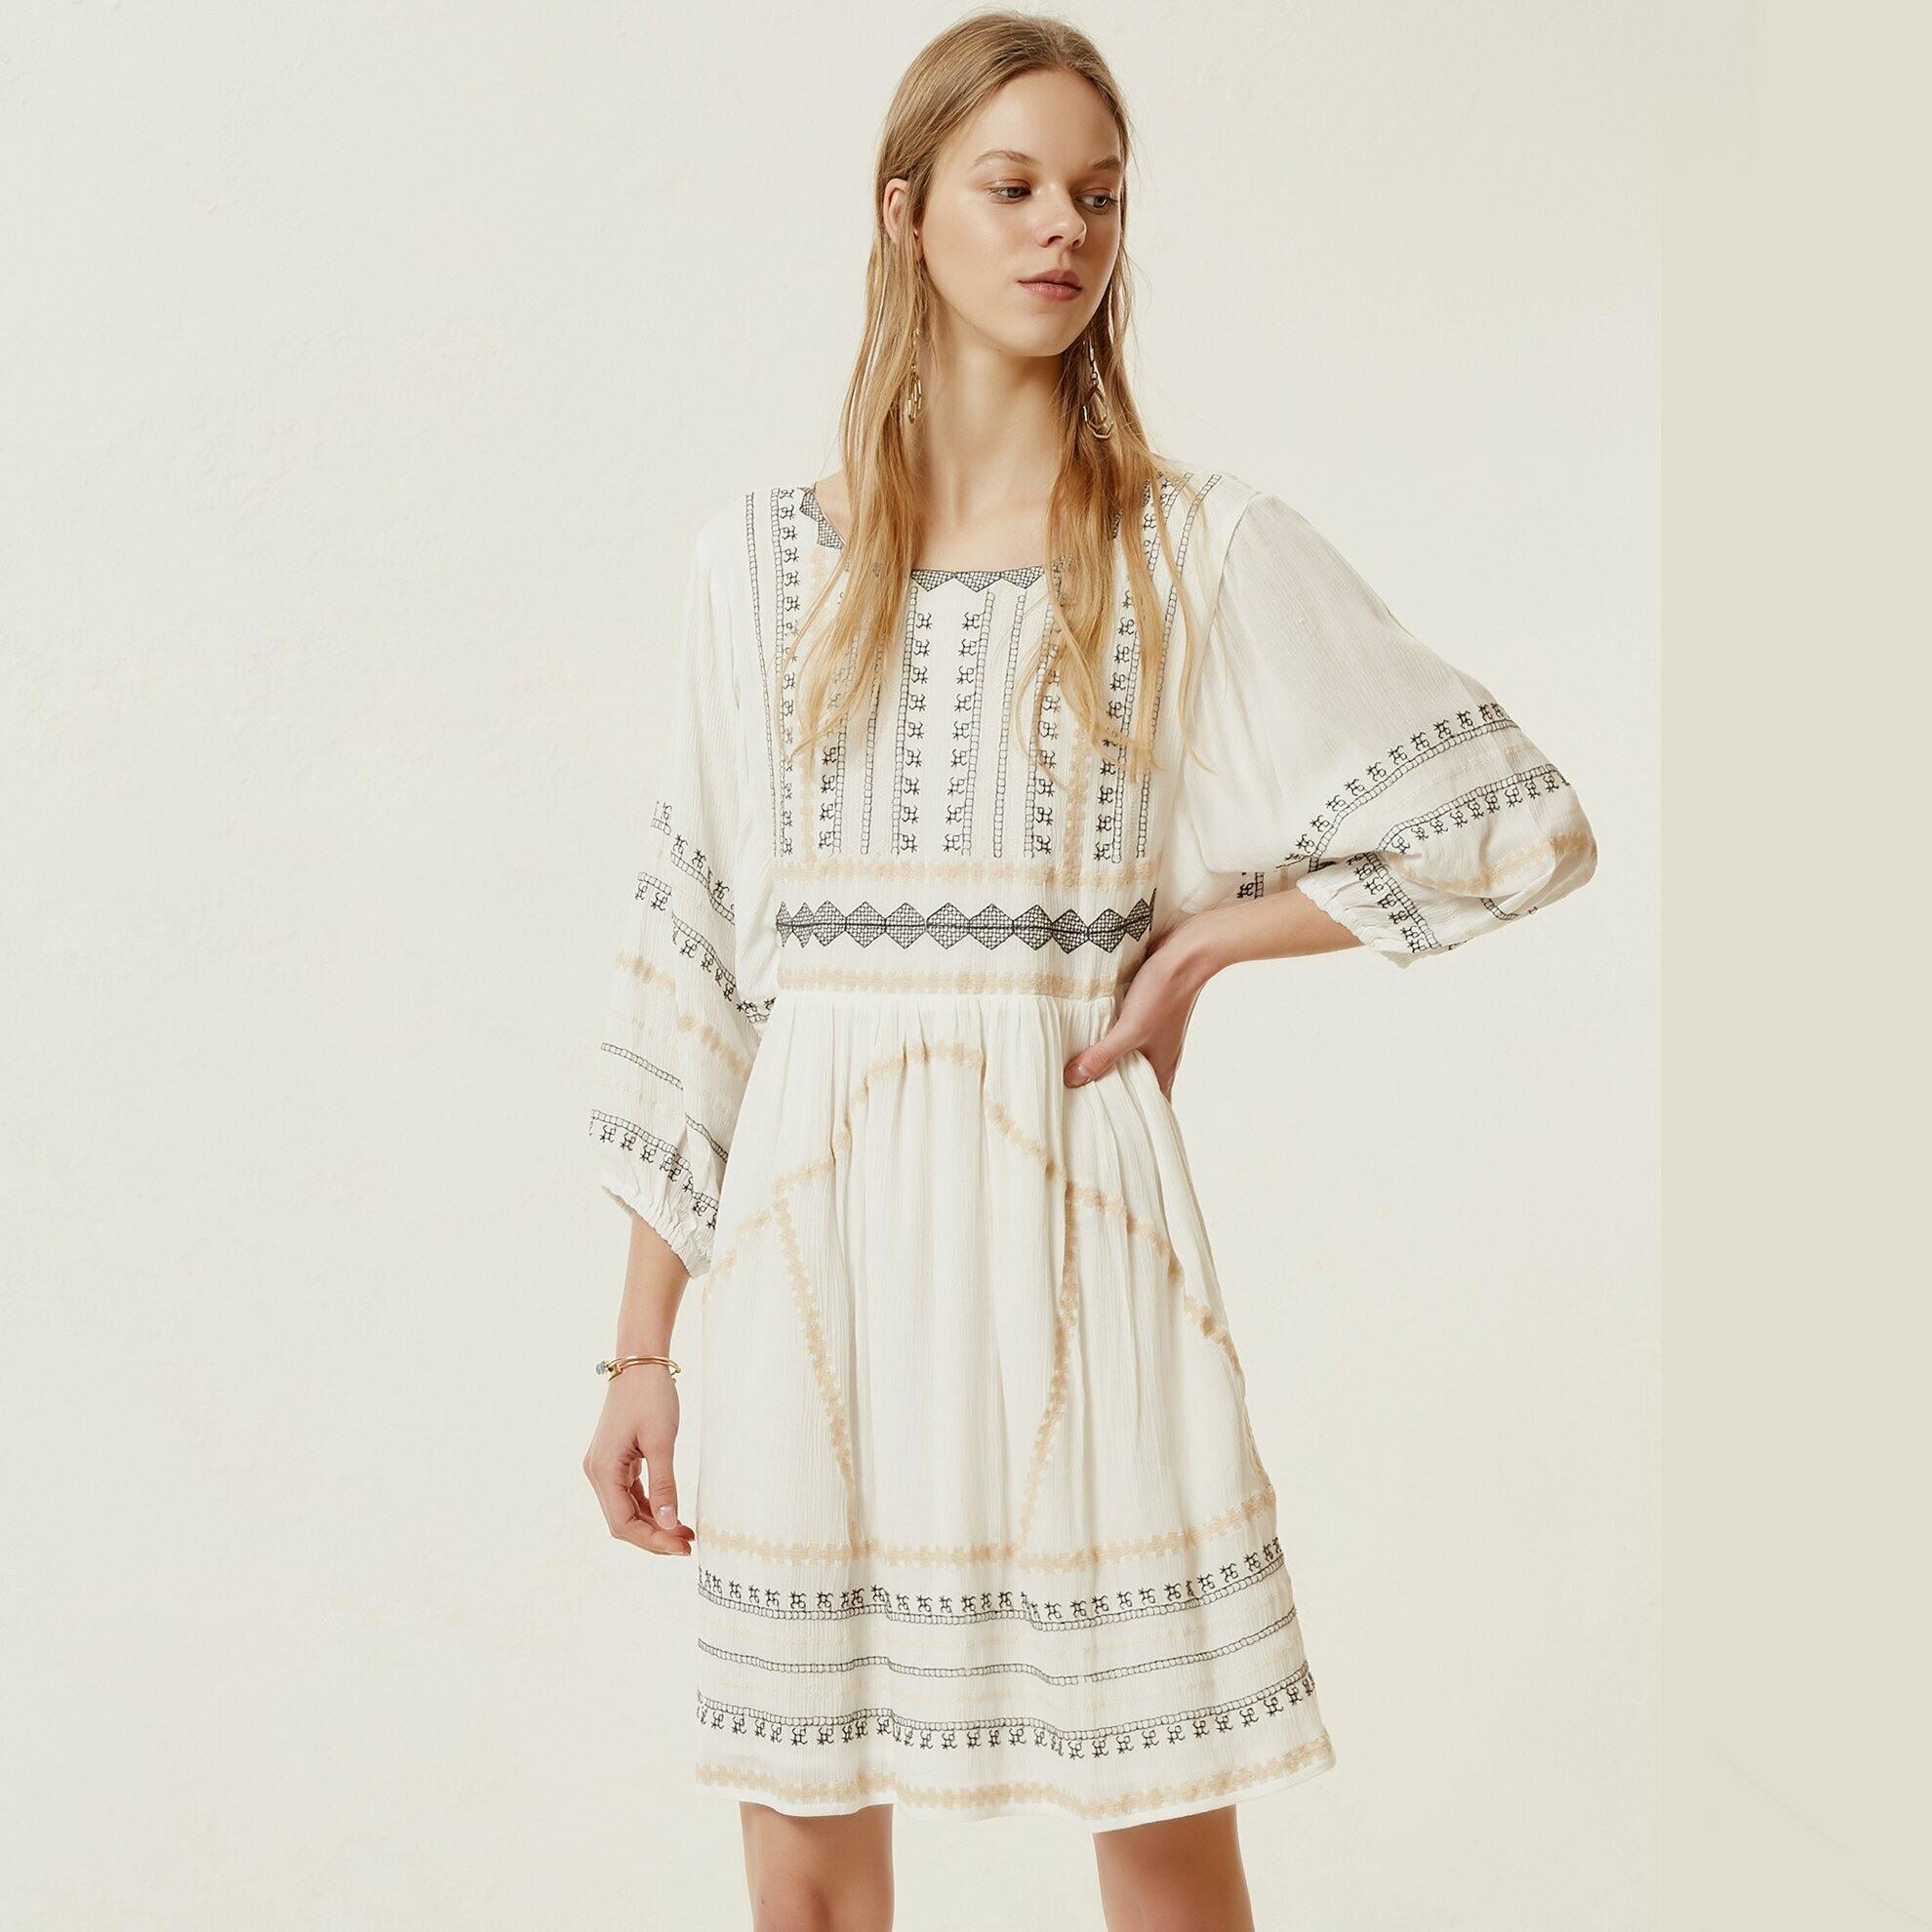 Kirik Beyaz Langärmliges Kleid Mit Verzierung  Yargici